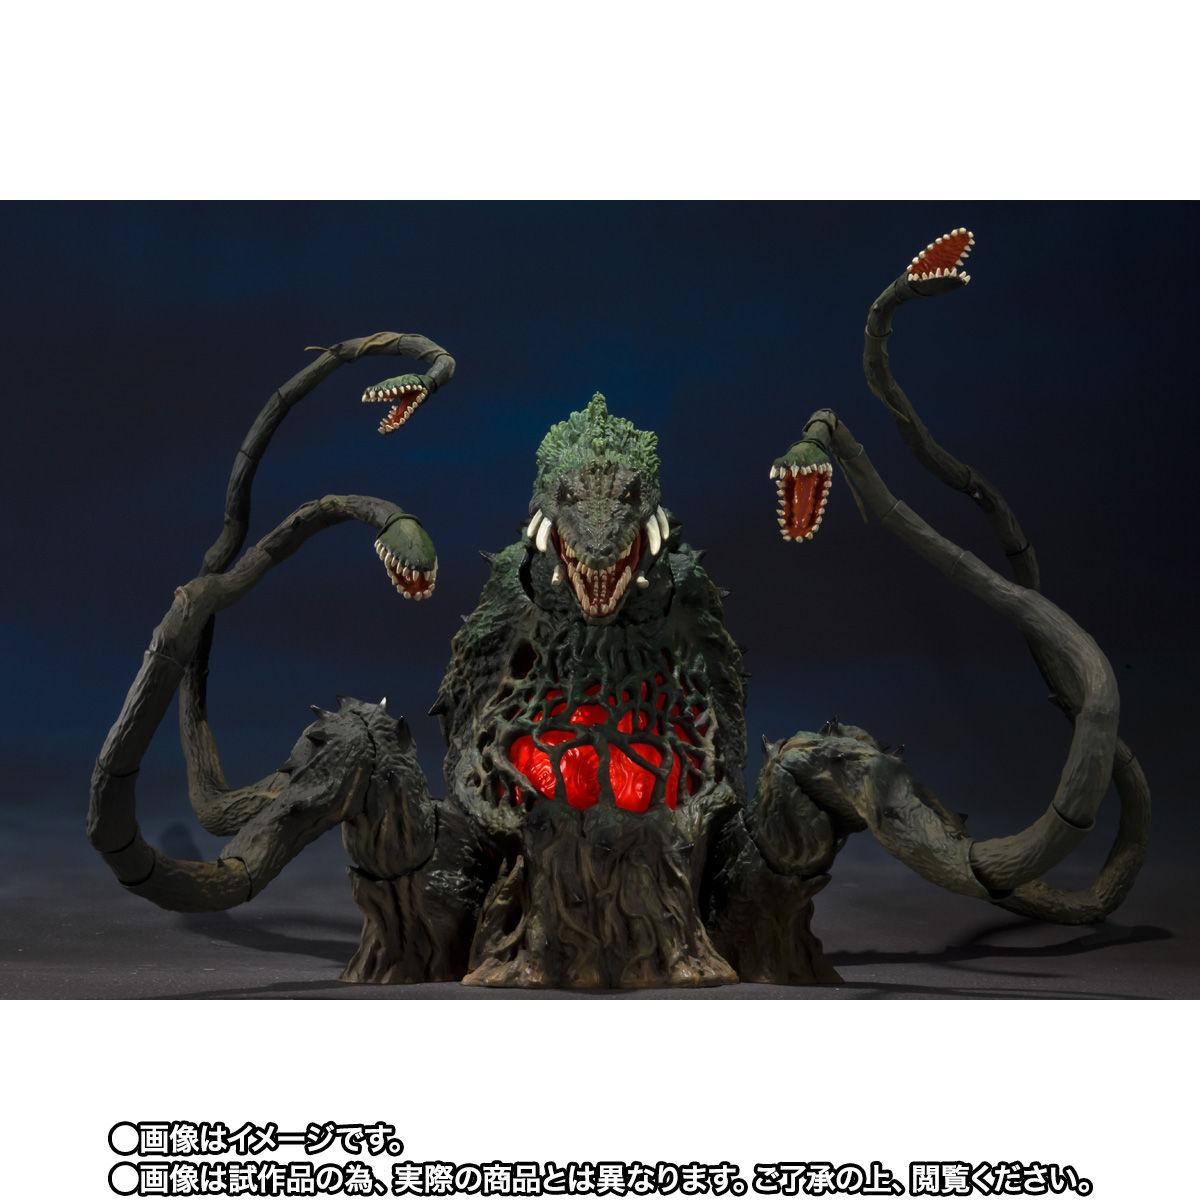 【限定販売】S.H.MonsterArts『ビオランテ Special Color Ver.』ゴジラvsビオランテ 可動フィギュア-003